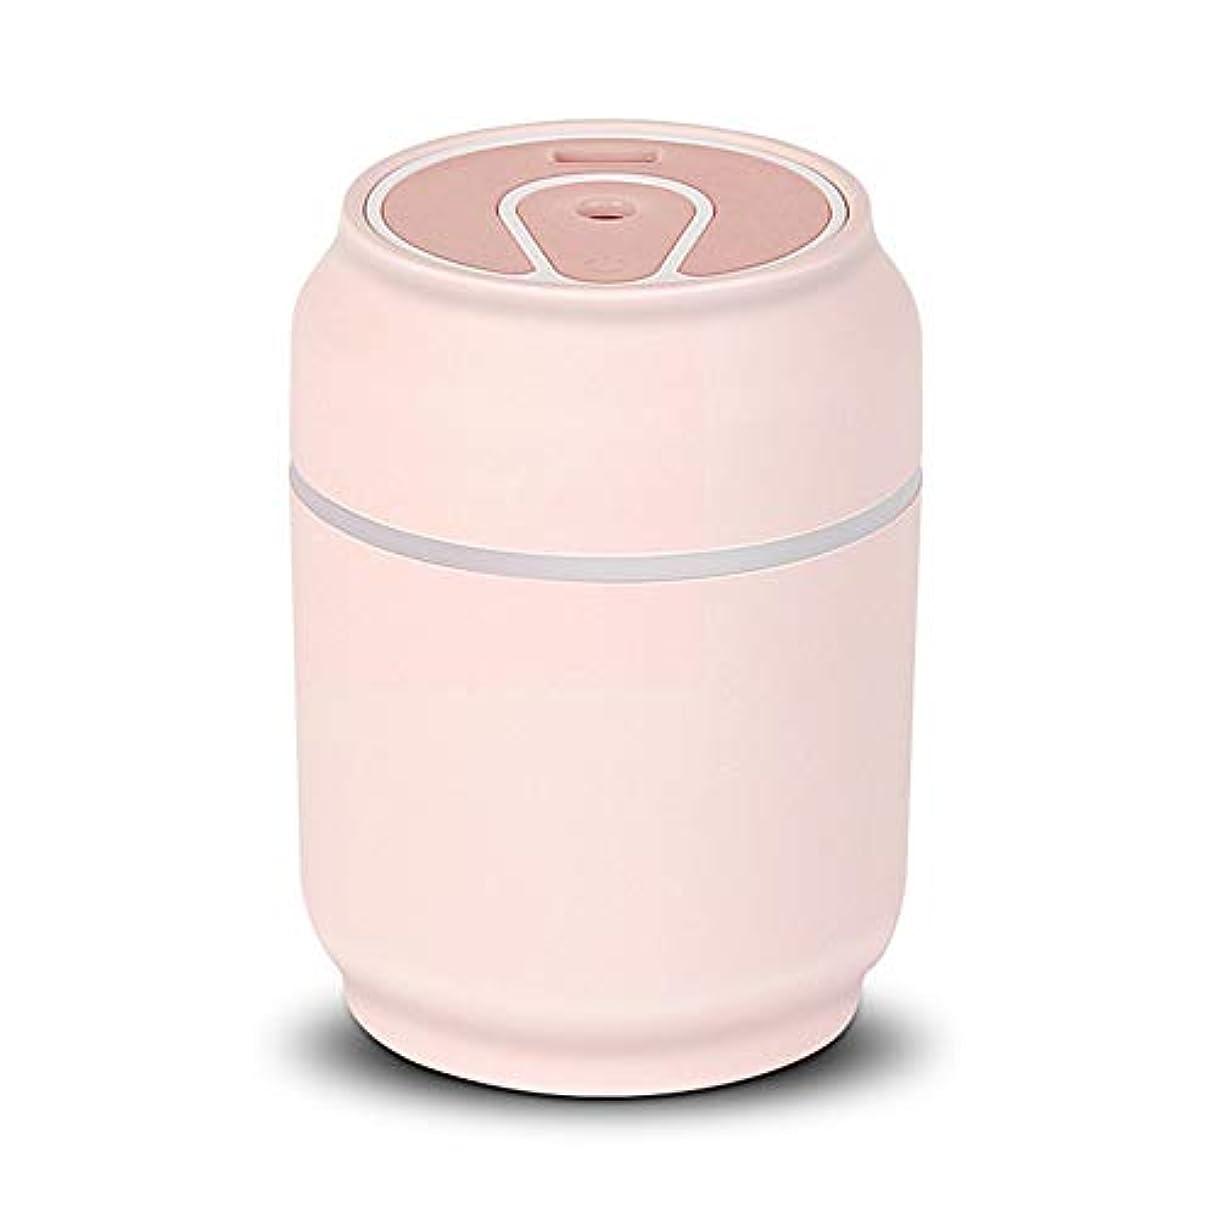 具体的にアサーマークZXF 新しいクリエイティブ缶シェイプUSB充電加湿器ミュート漫画ミニASB素材ナイトライトファン3つ1つの水分補給器具蒸し顔黒緑ピンク黄色 滑らかである (色 : Pink)